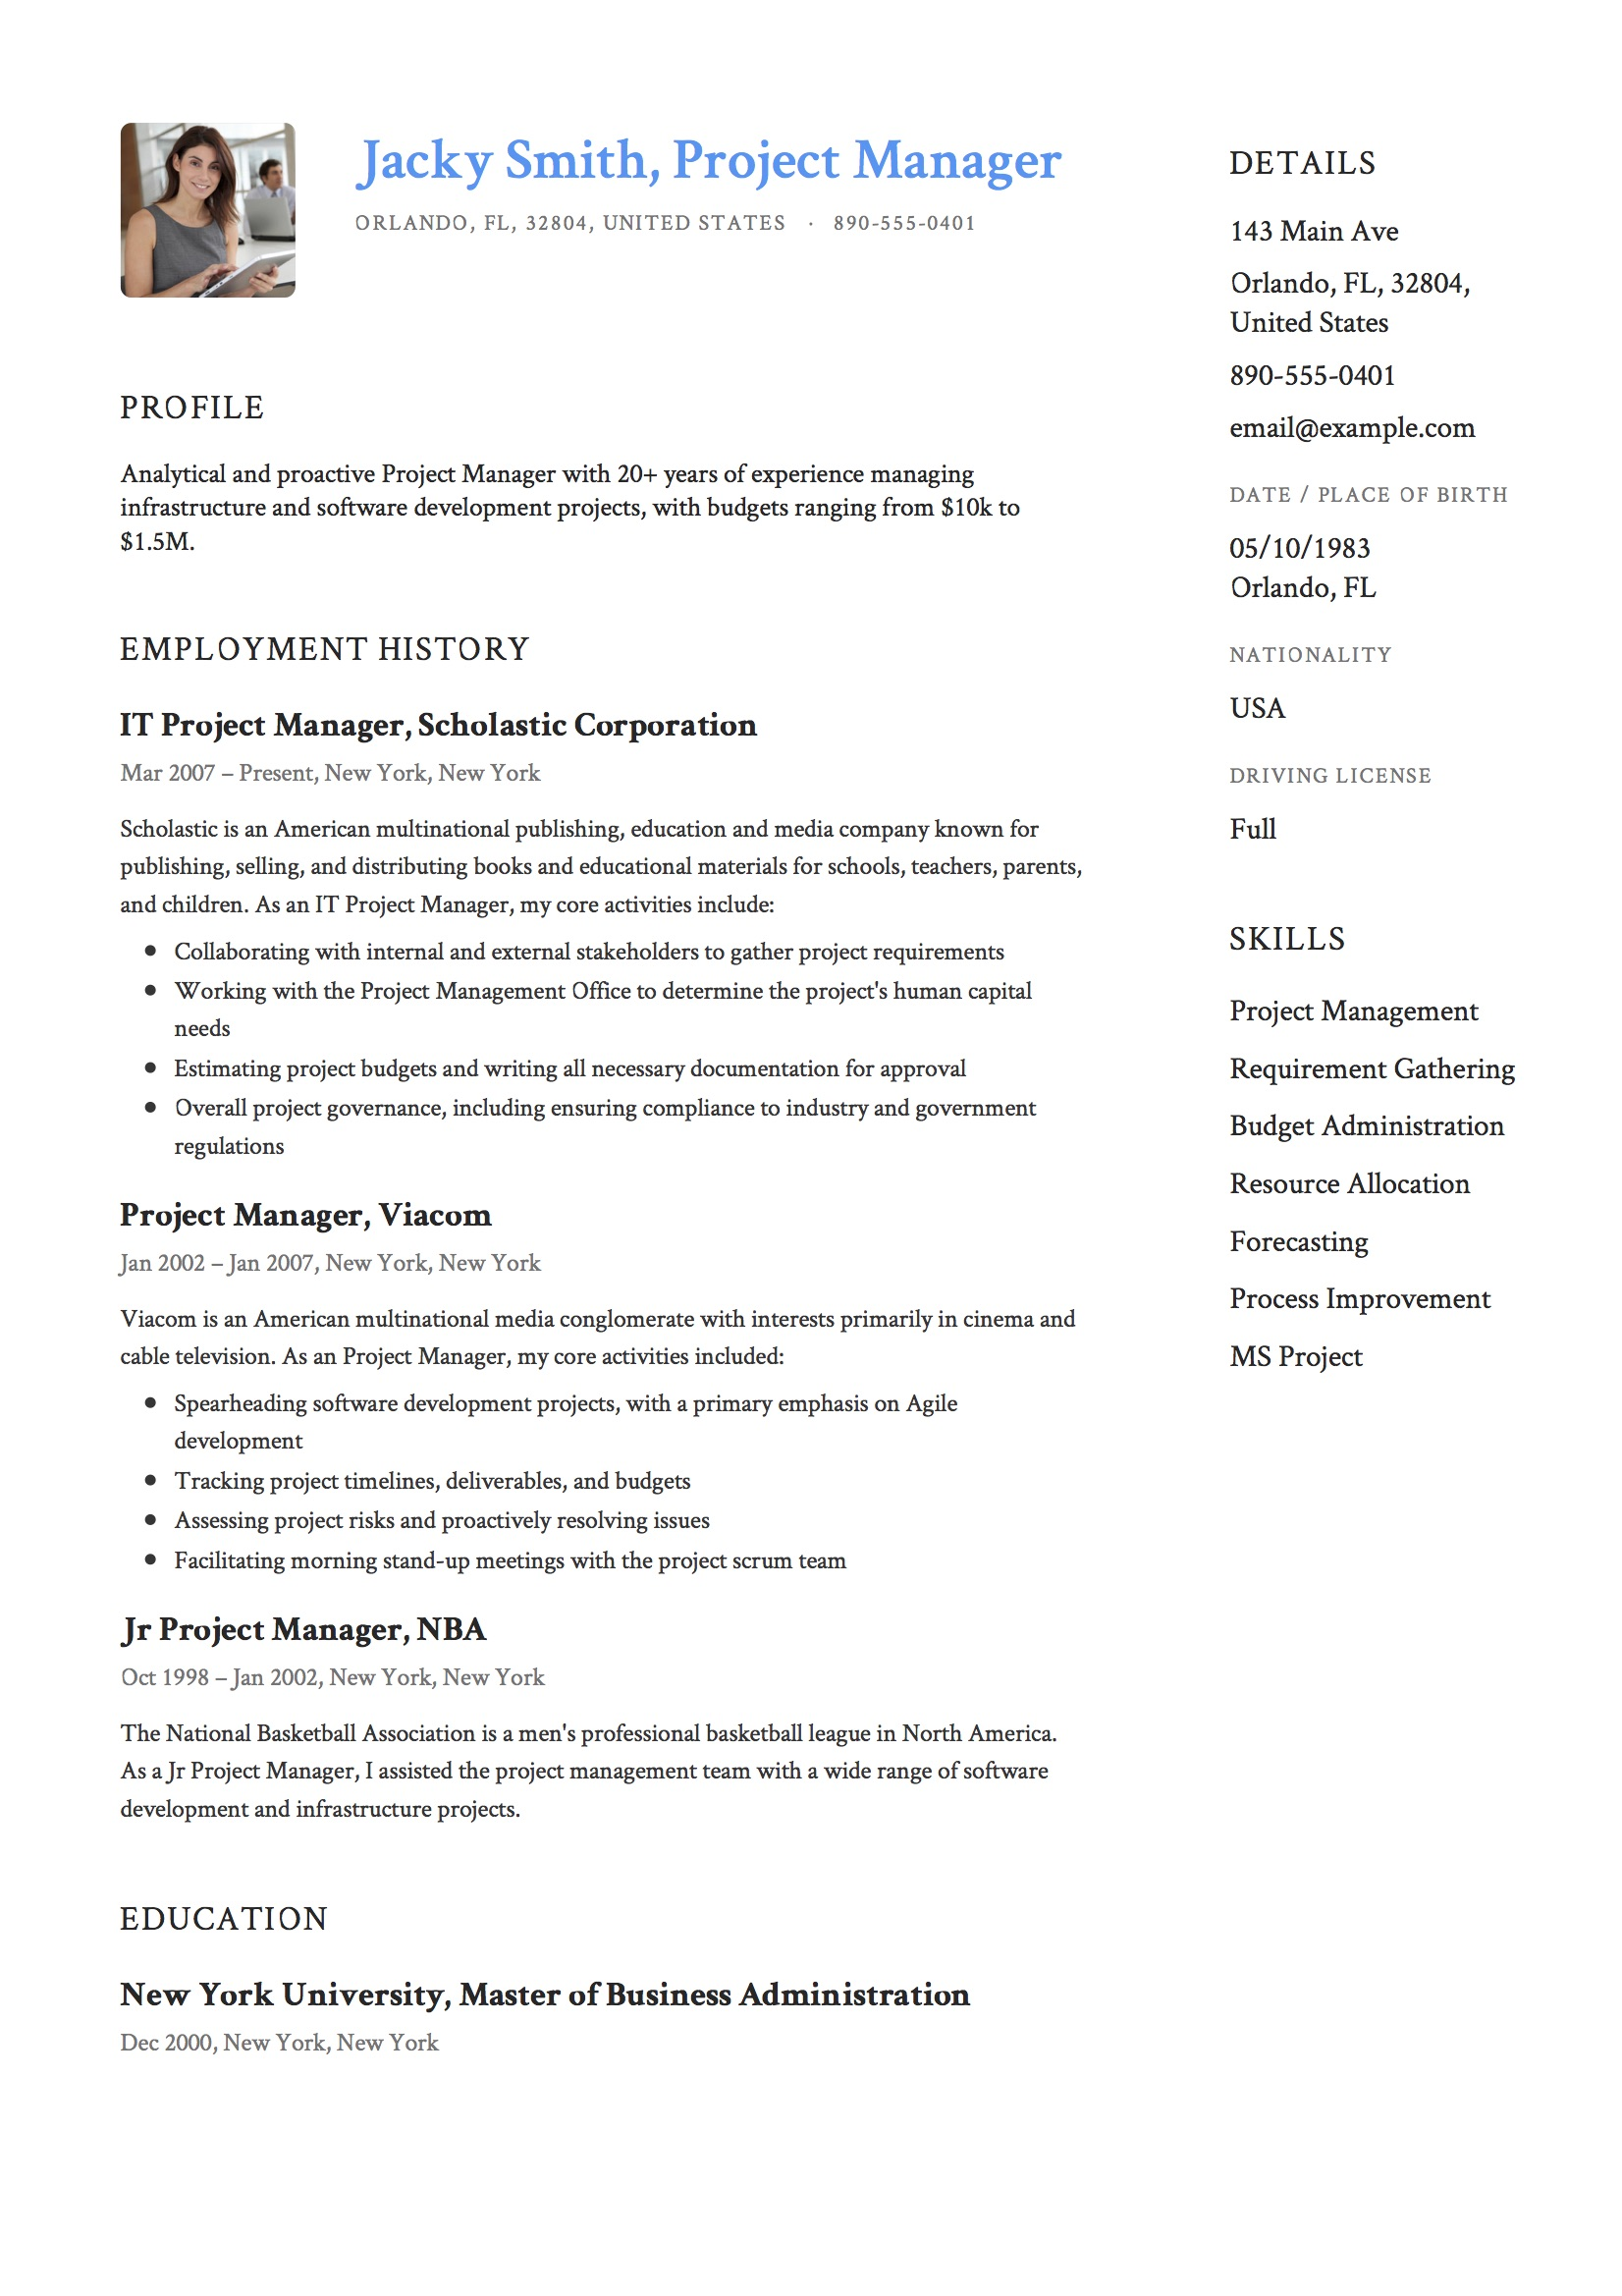 sample resume for security job in australia